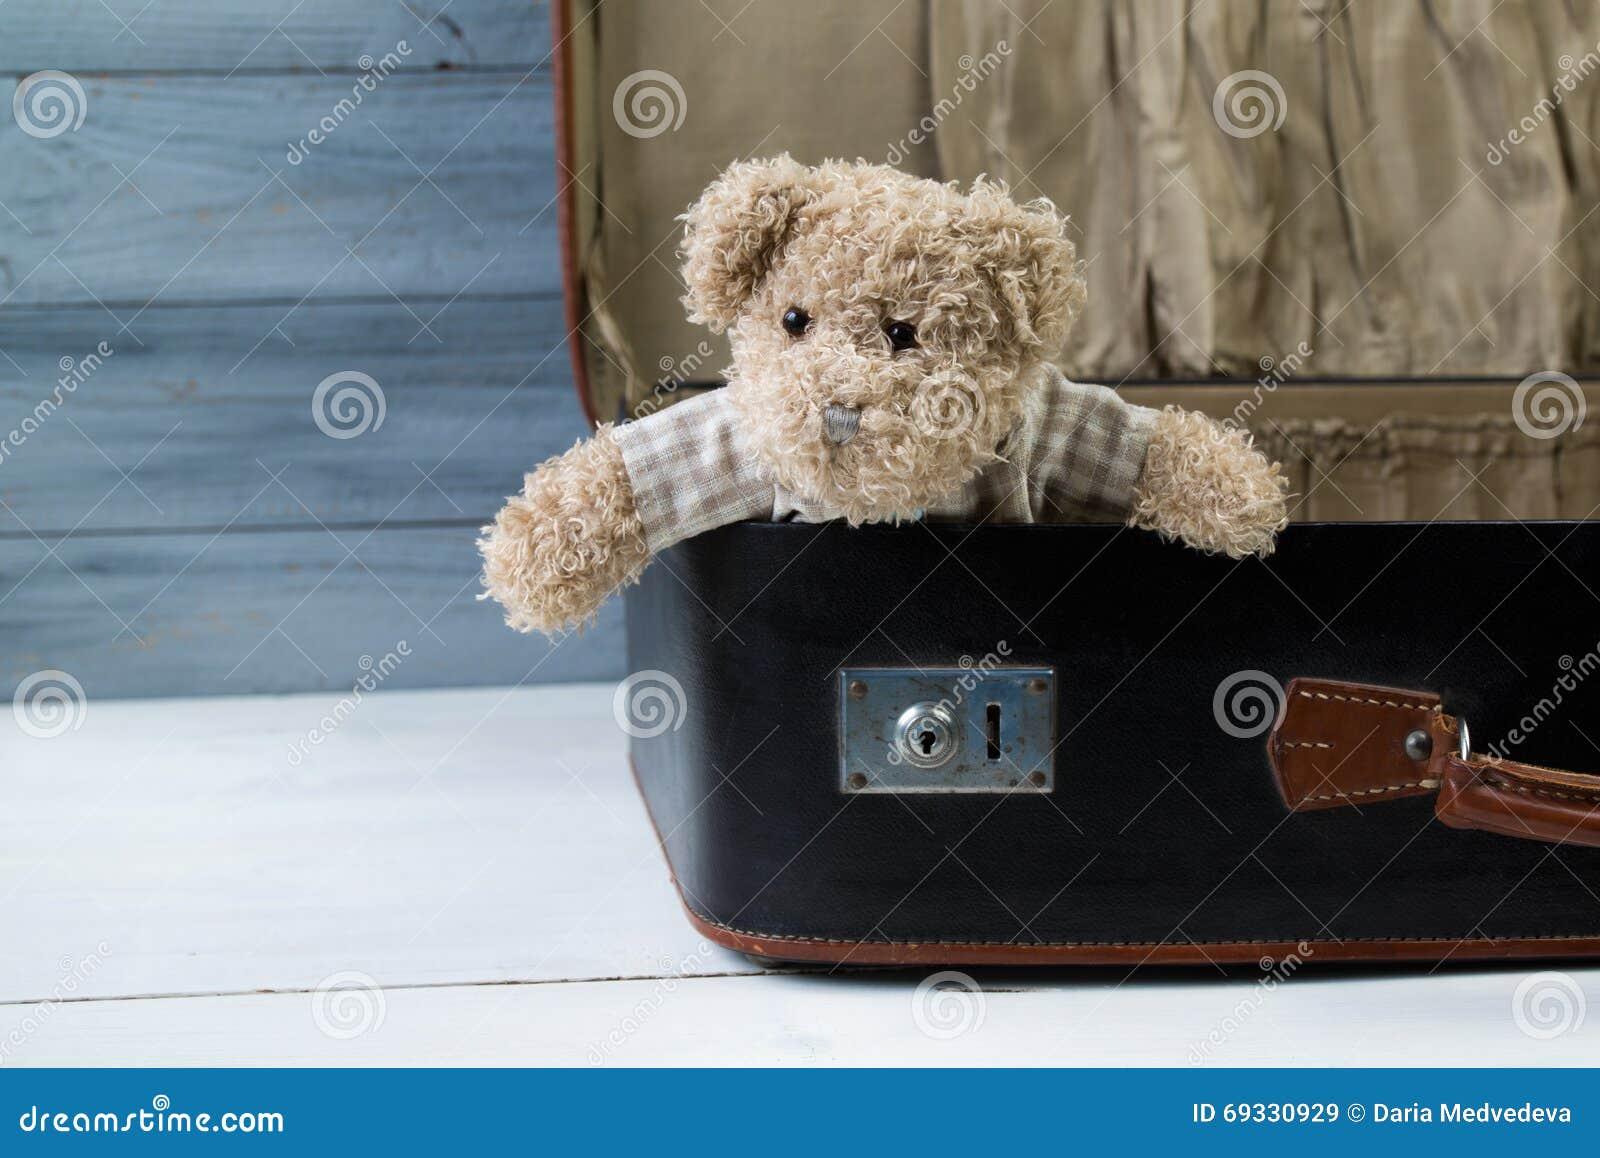 Το Teddy αντέχει σε μια παλαιά βαλίτσα δέρματος